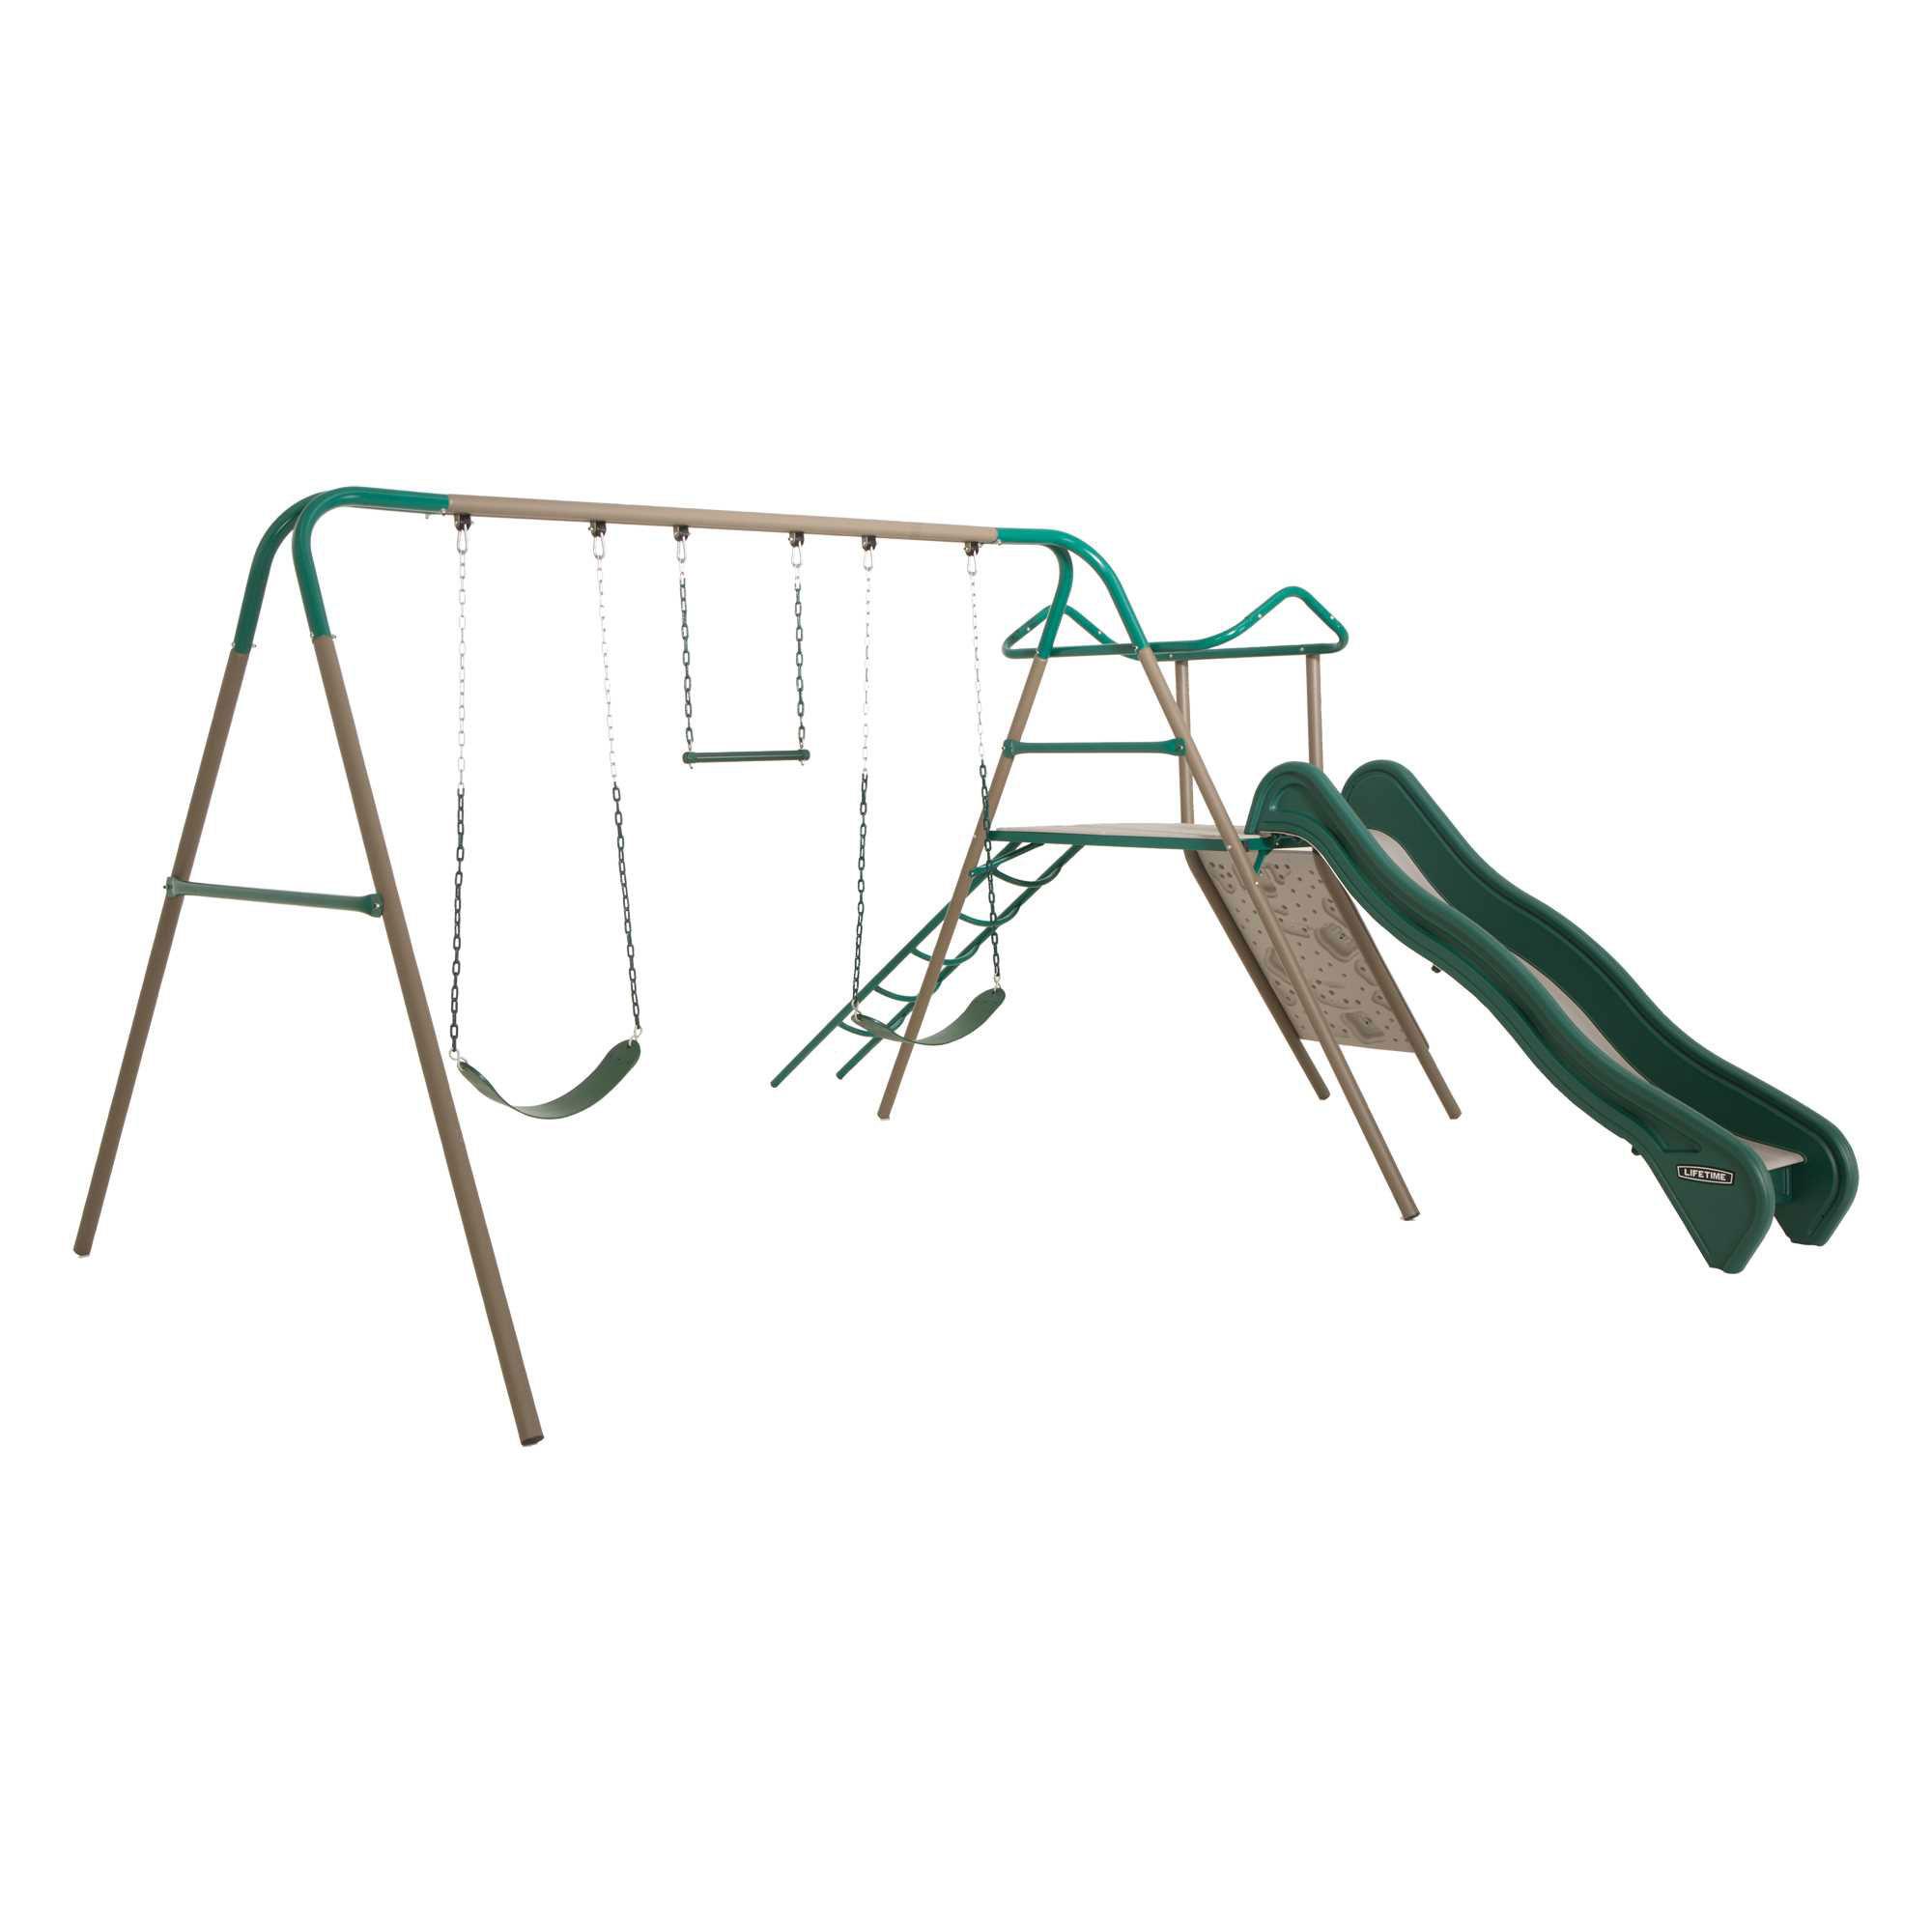 dp playset lifetime swing com garden amazon adventure deluxe tower outdoor products set